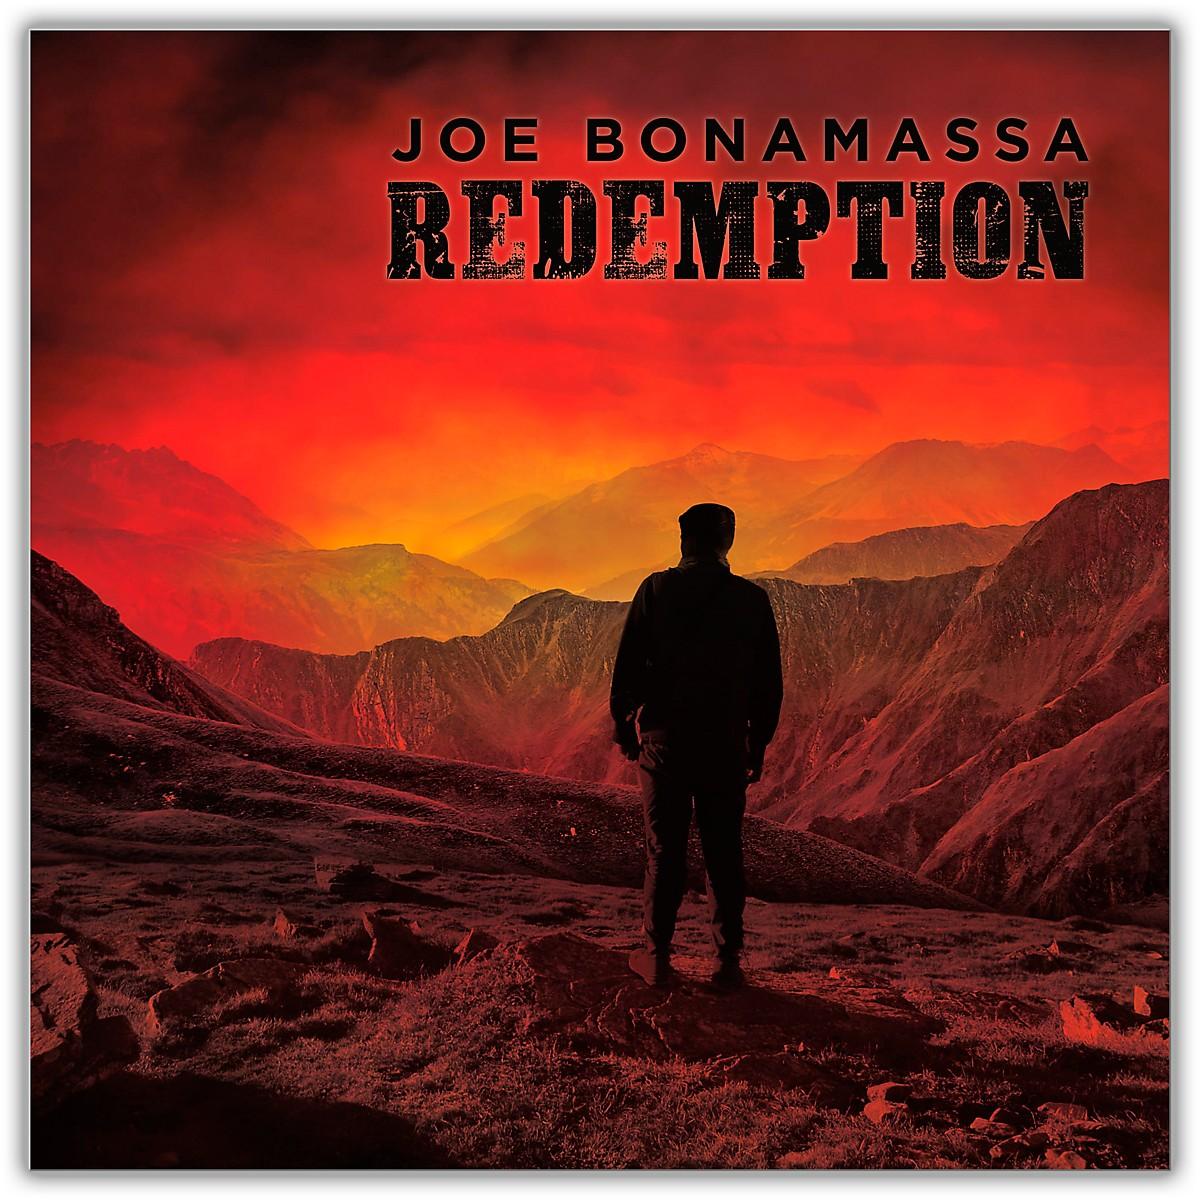 Universal Music Group Joe Bonamassa - Redemption